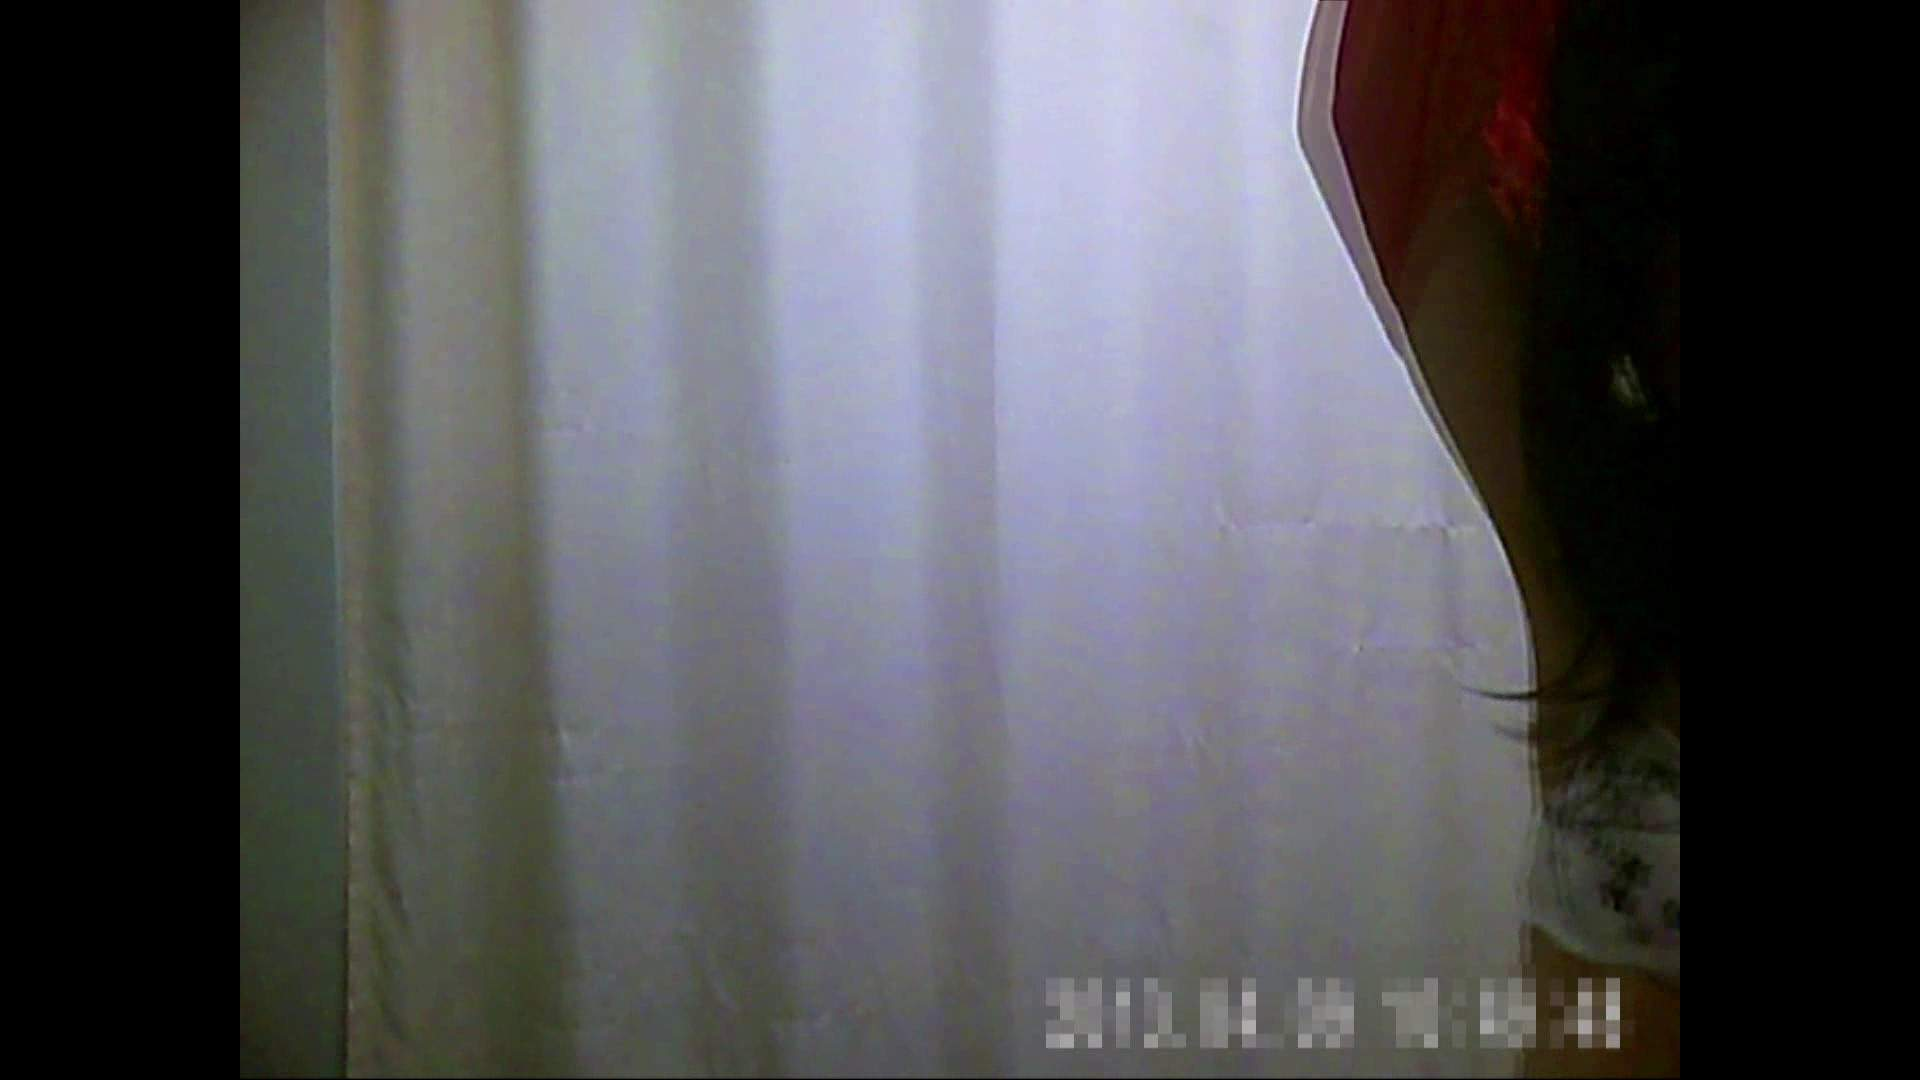 病院おもいっきり着替え! vol.199 エロティックなOL オマンコ動画キャプチャ 106画像 98